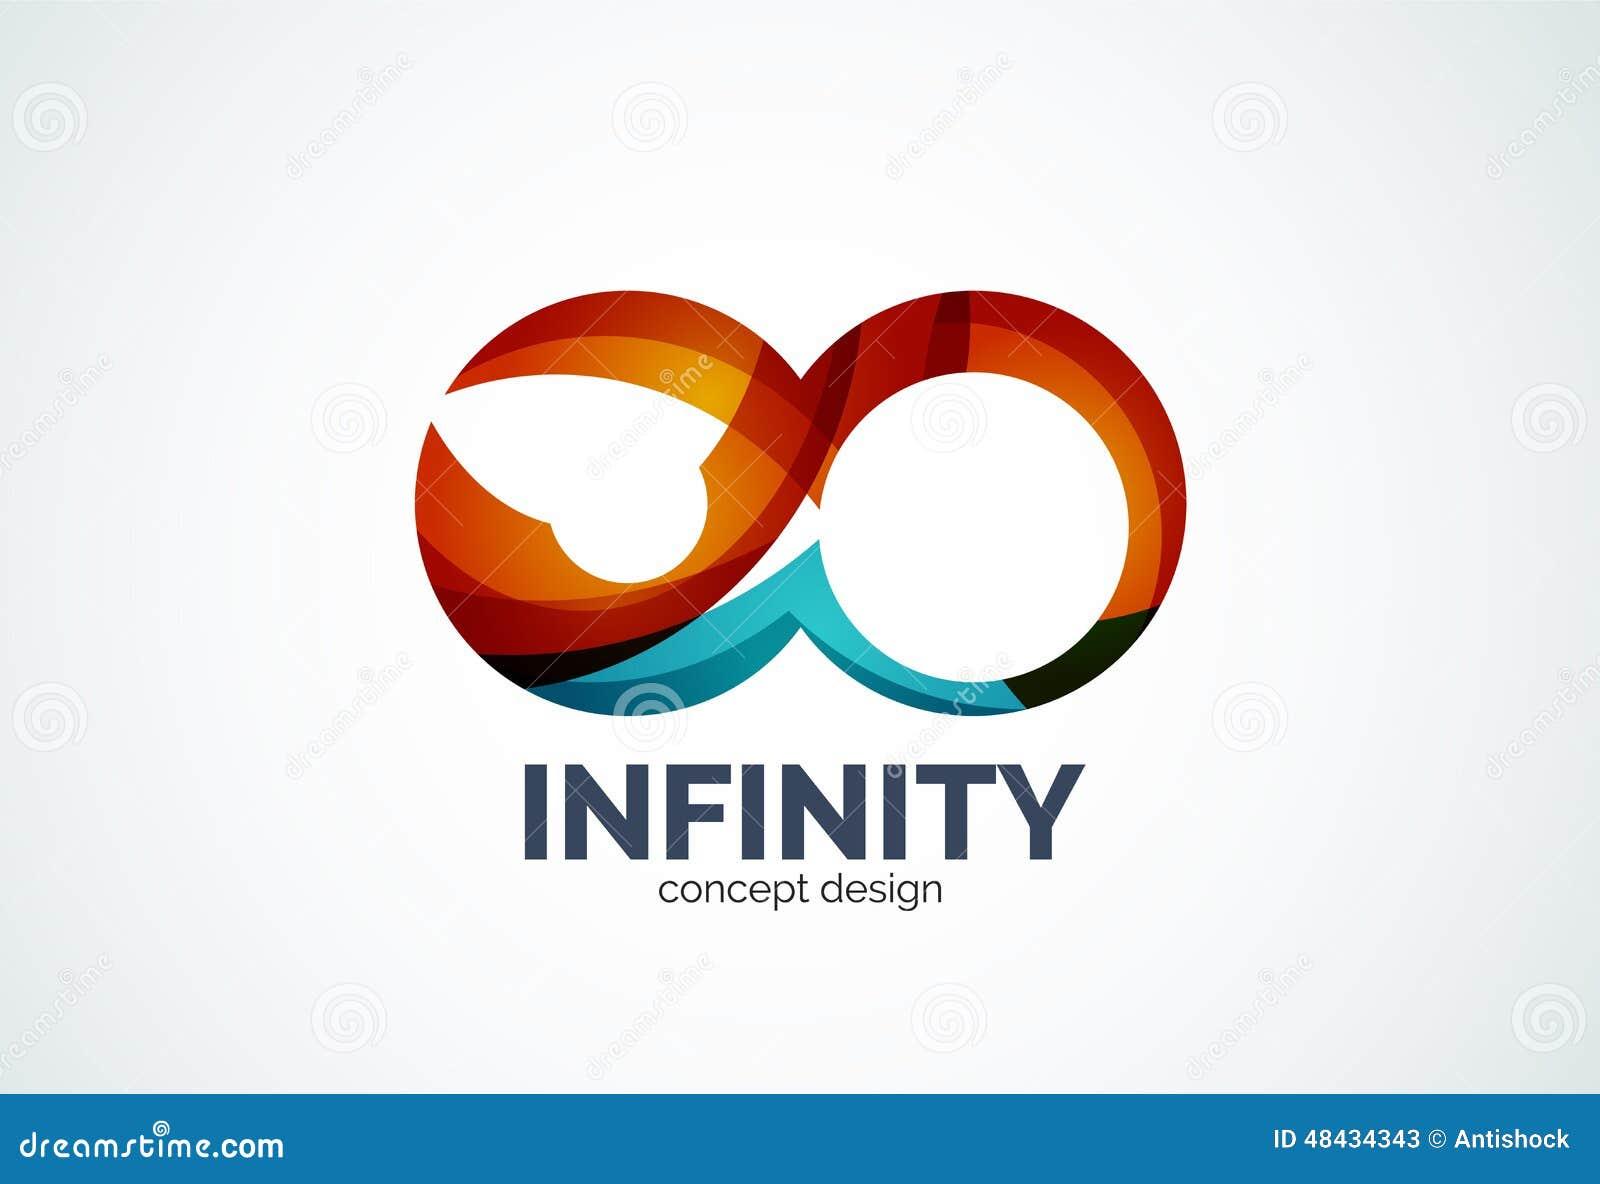 Infinity company logo icon